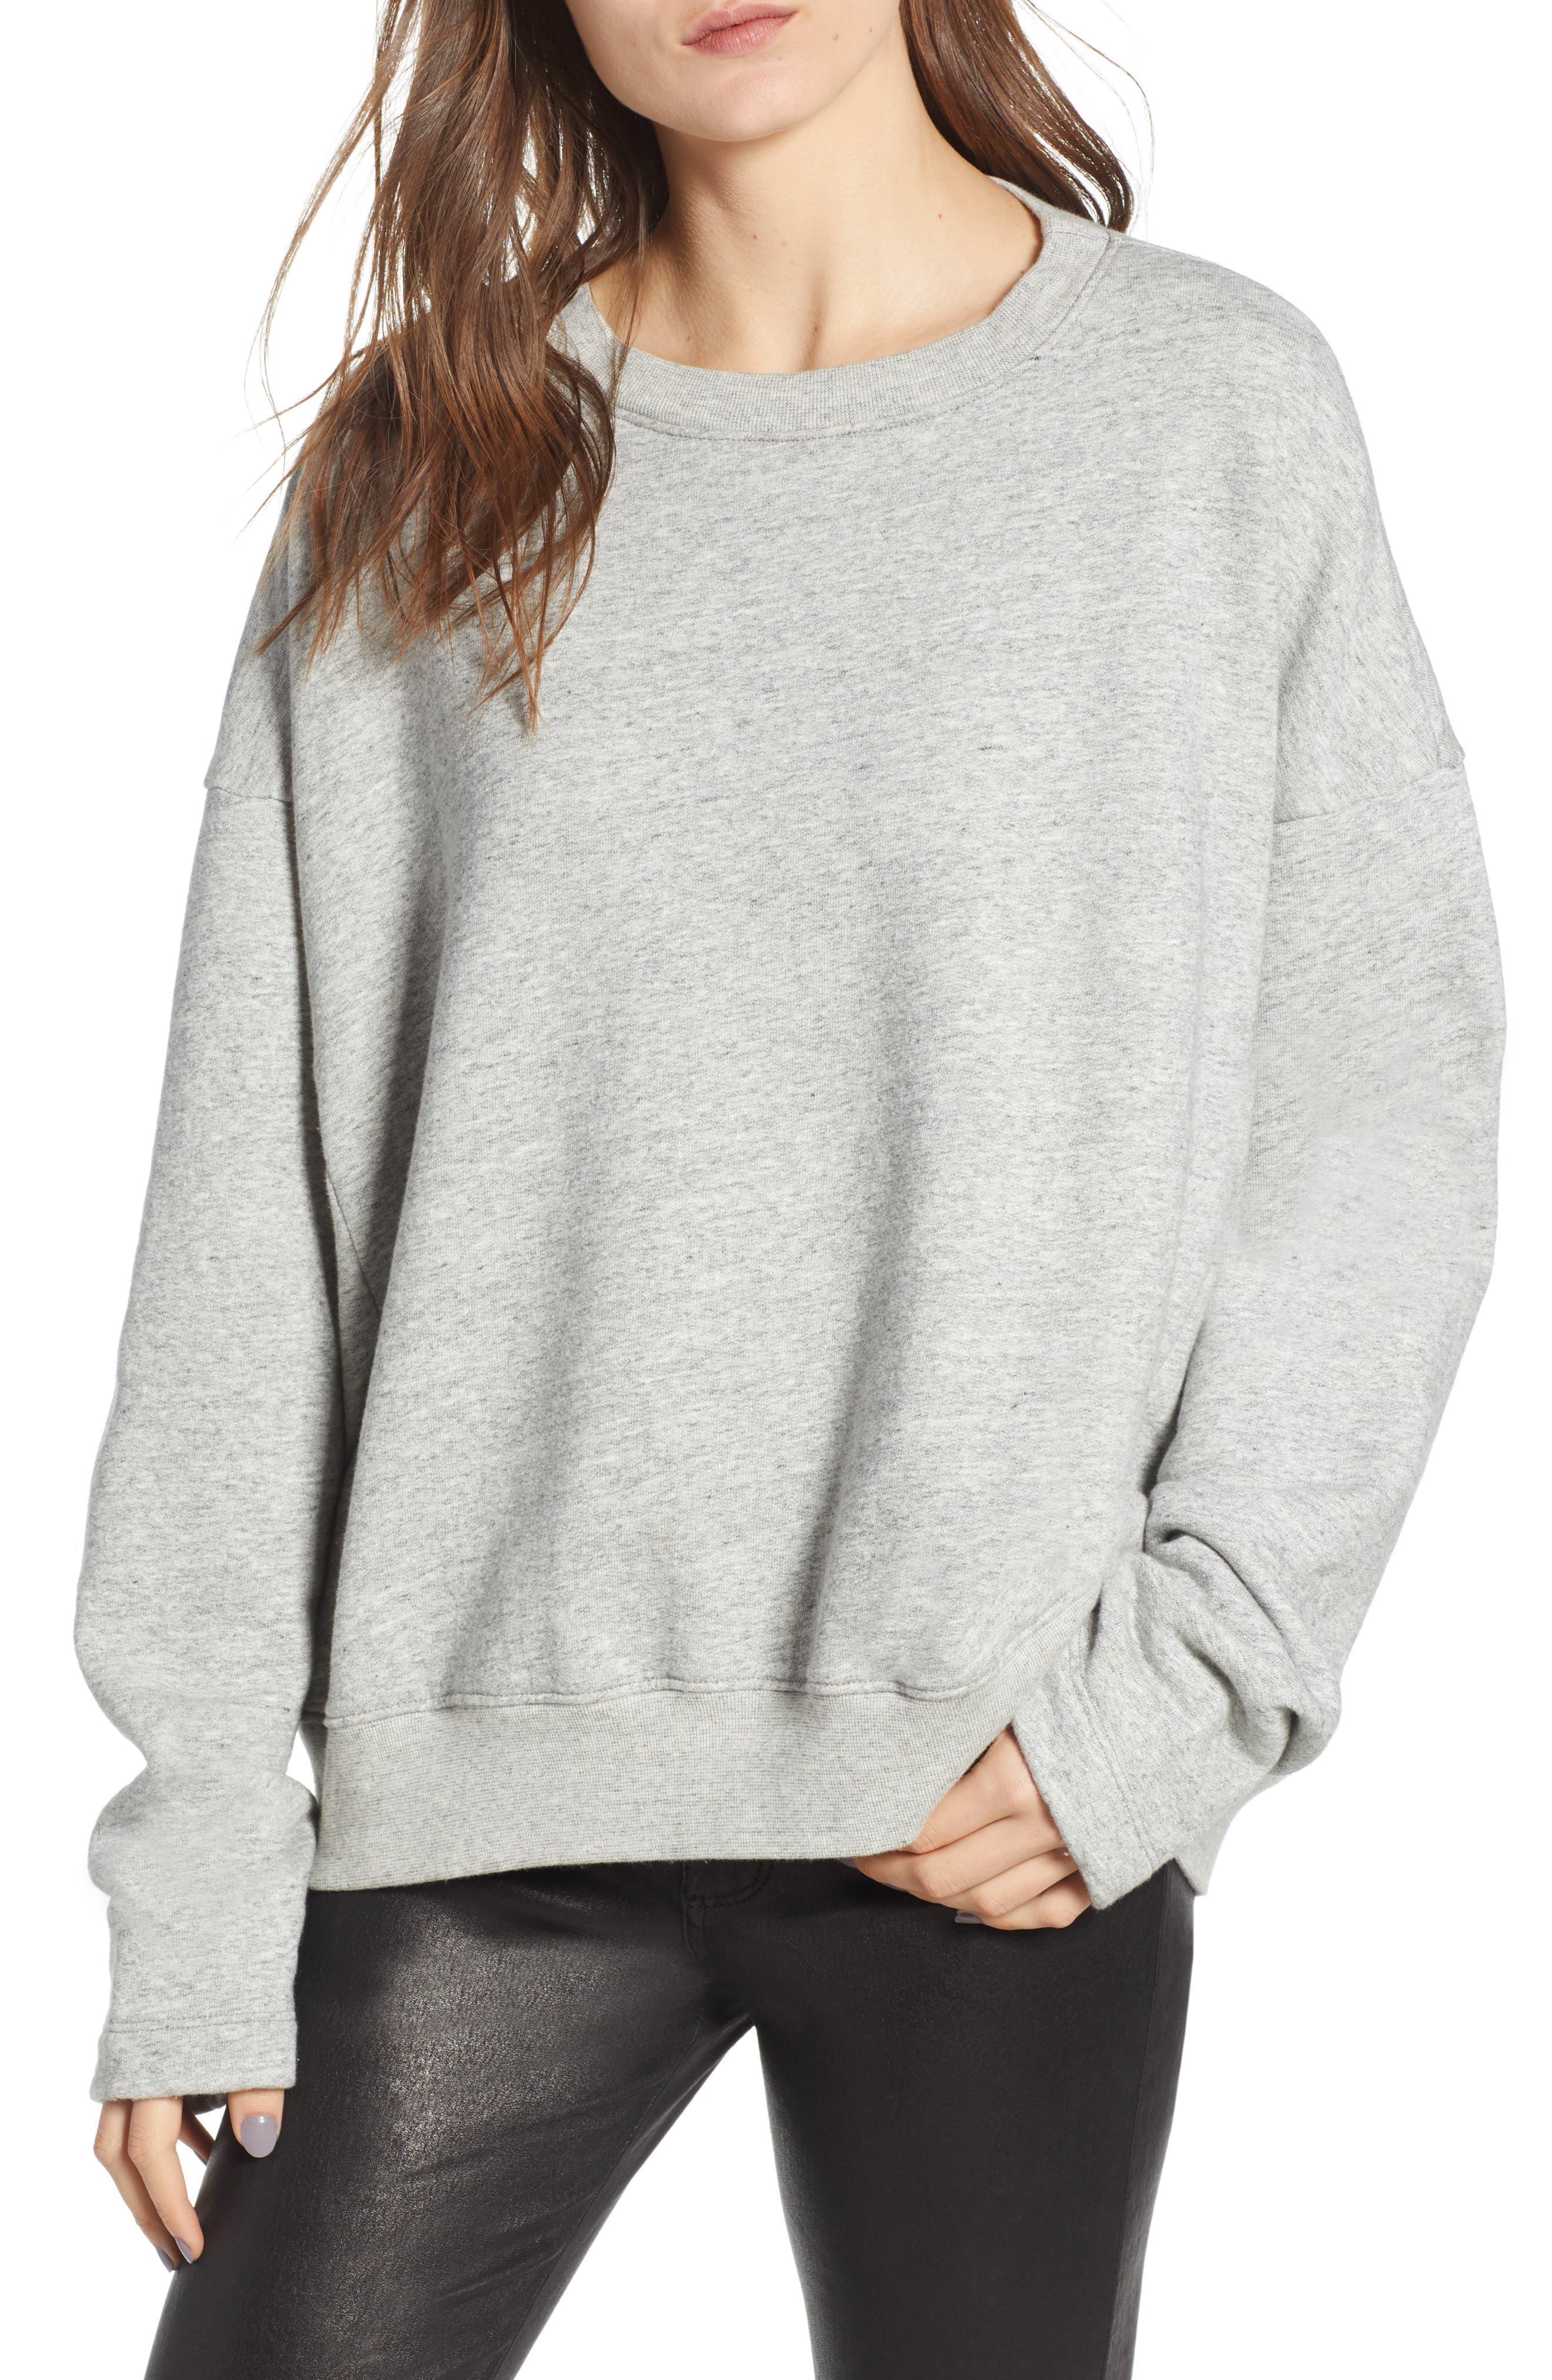 Berdine Oversize Sweatshirt,                         Main,                         color, HEATHER GREY